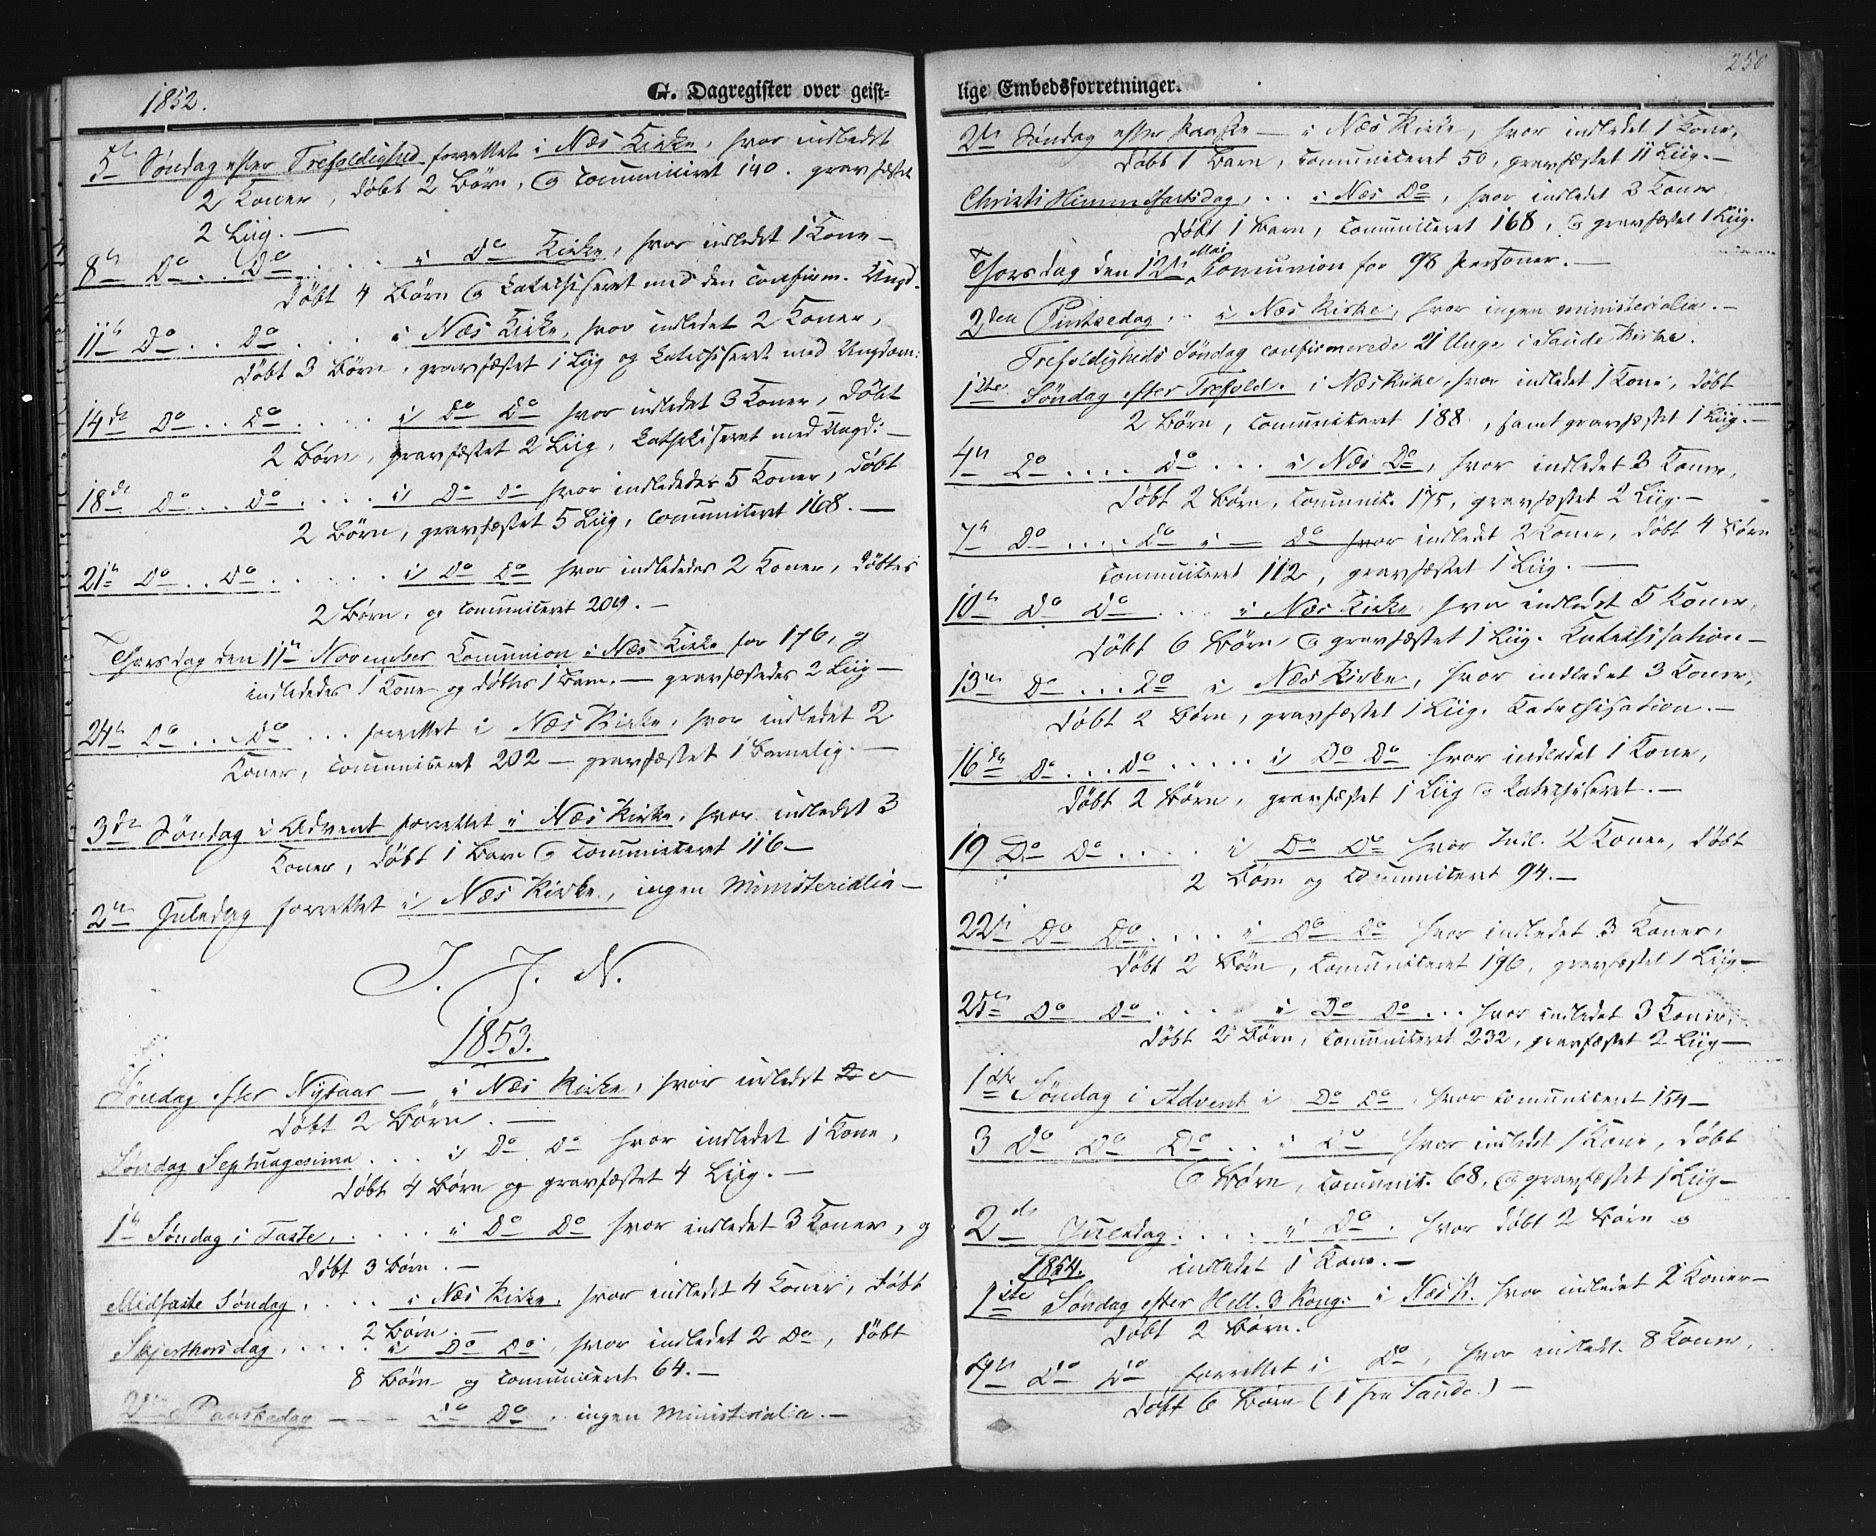 SAKO, Sauherad kirkebøker, F/Fb/L0001: Ministerialbok nr. II 1, 1851-1877, s. 250